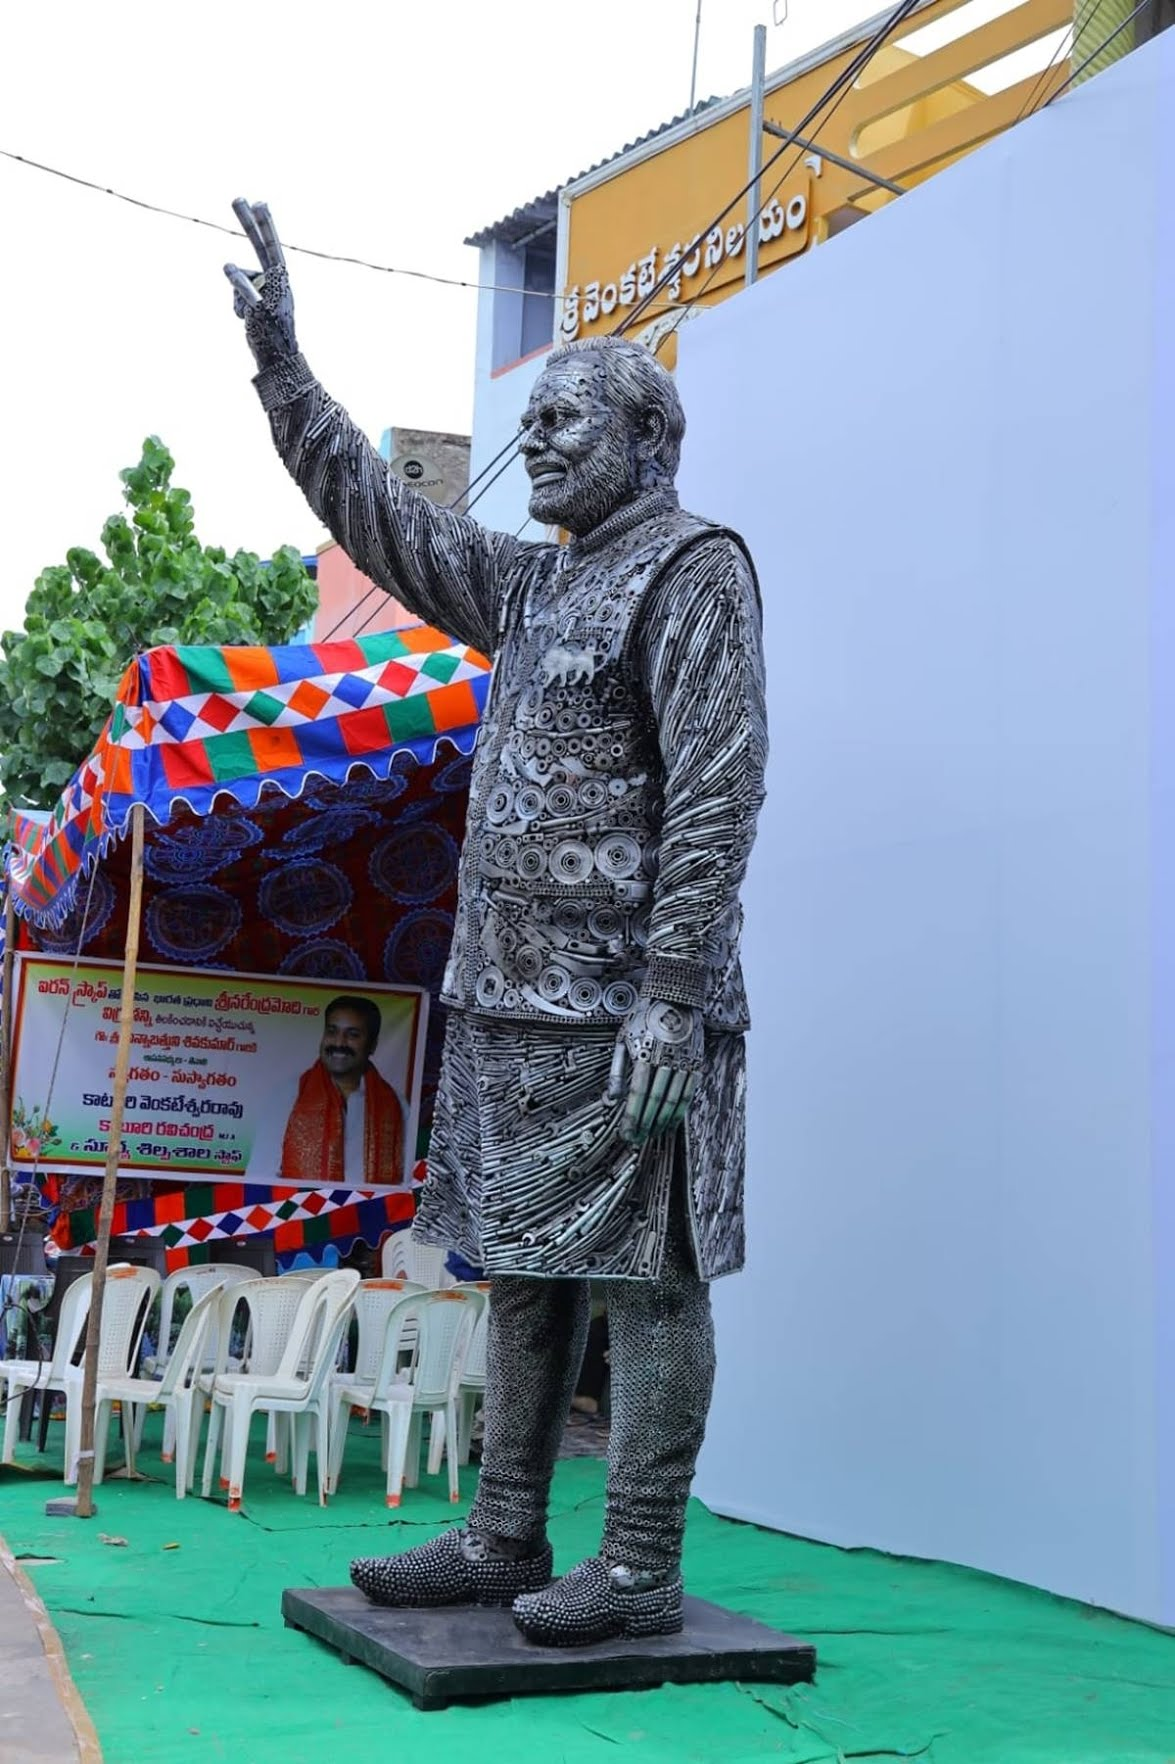 PM Modi sculpture